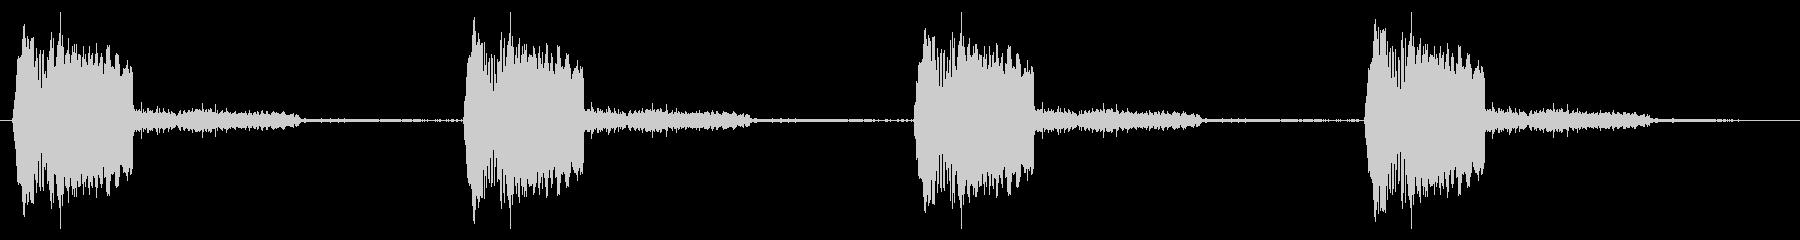 うるさすぎない警報音ループの未再生の波形